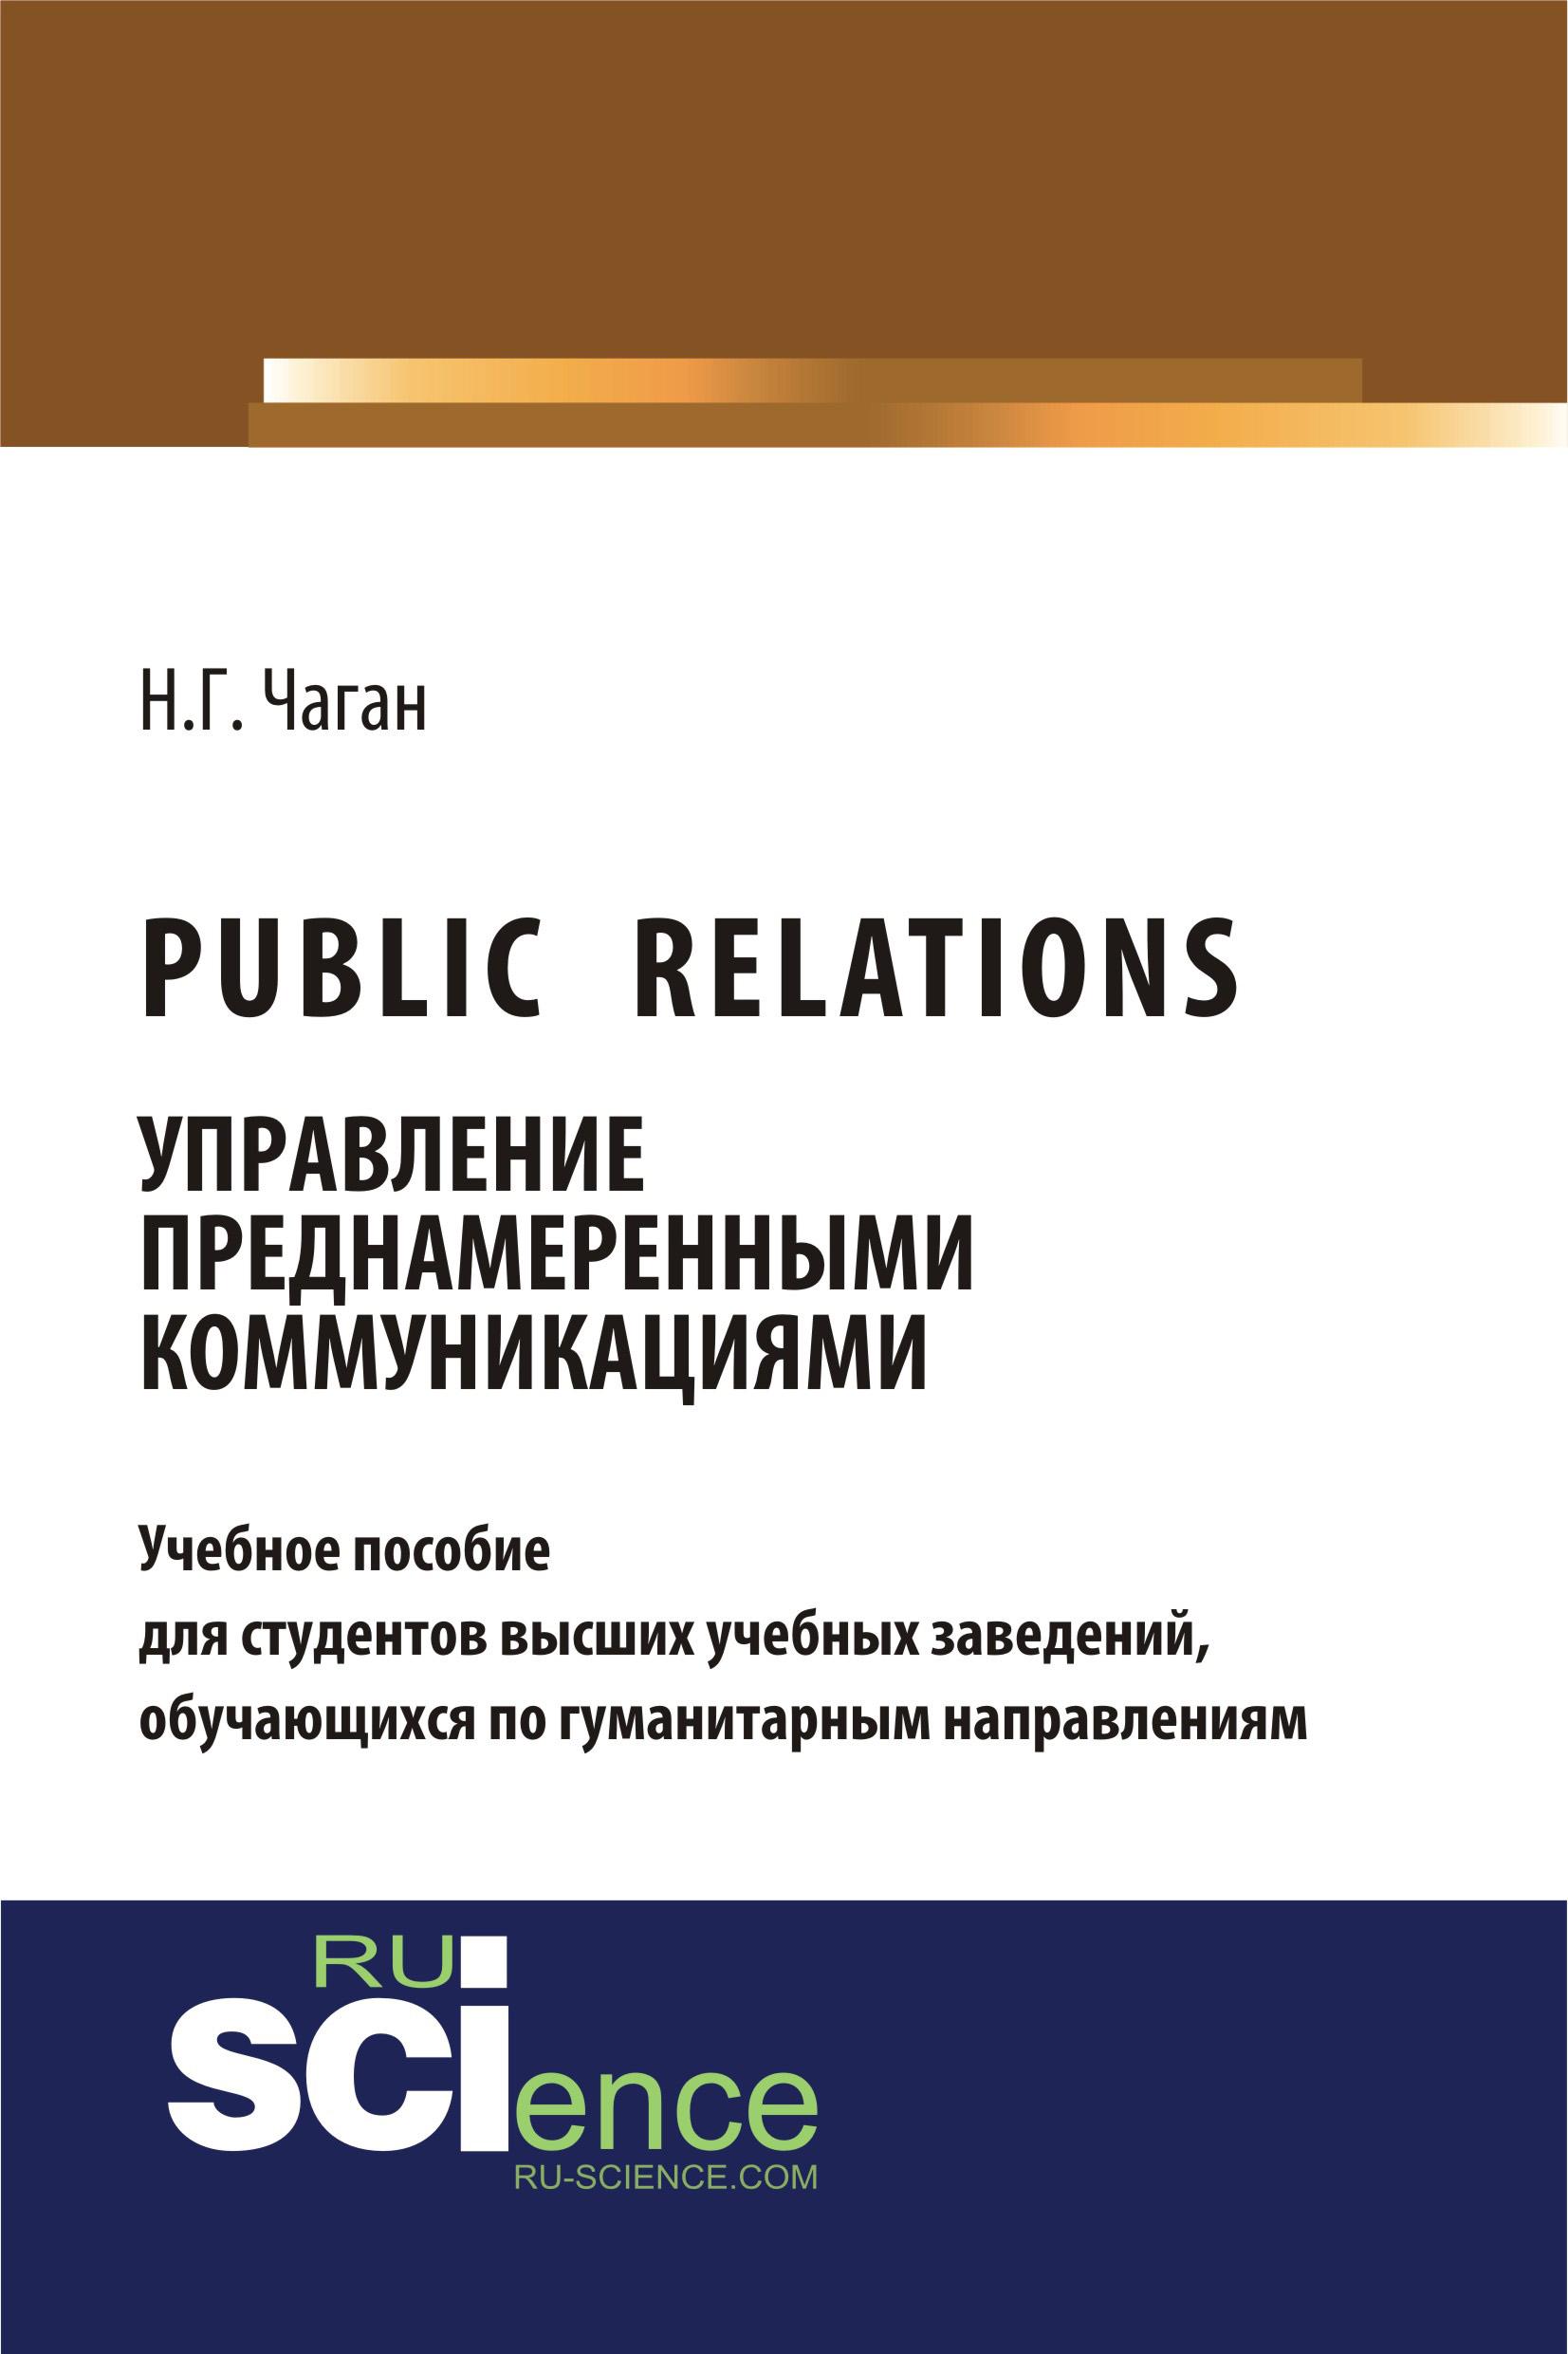 Public Relations. Управление преднамеренными коммуникациями